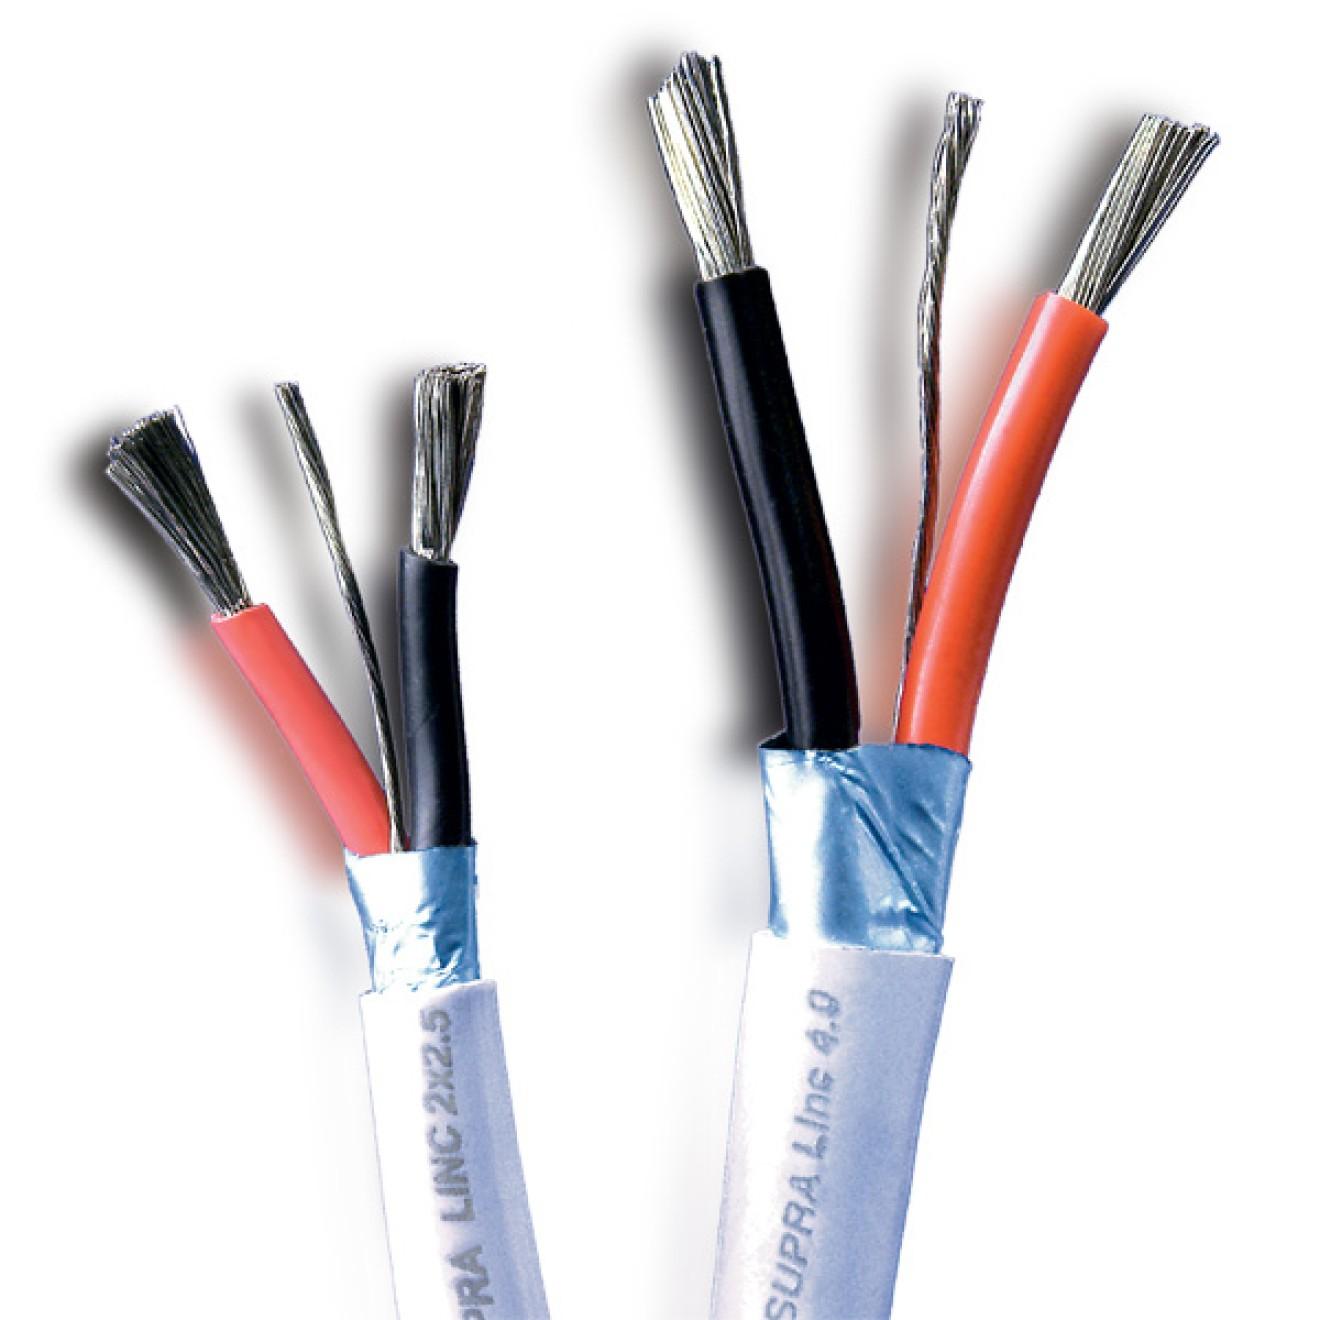 SUPRA Cables Linc 2 x 4.0 Lautsprecherkabel, Meterware, Highend ...